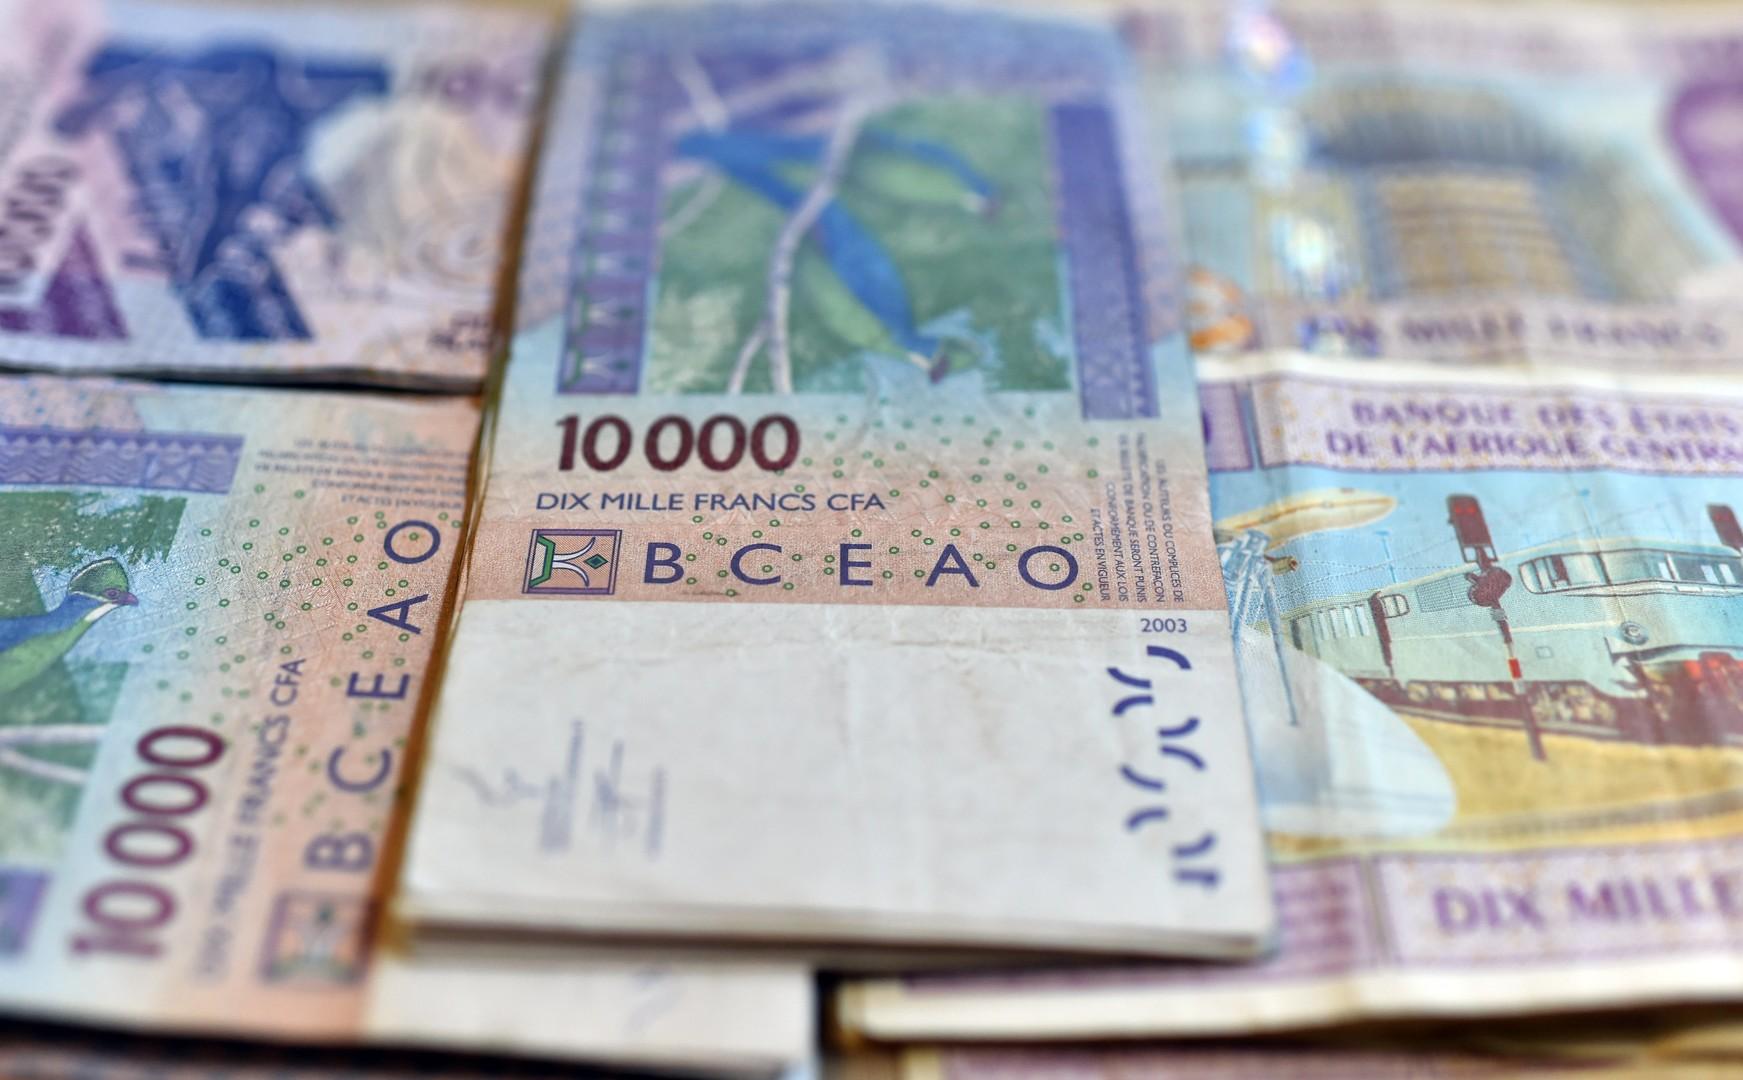 Gabegie au sommet de l'Etat: Des directeurs généraux des sociétés de 1ère catégorie perçoivent plus de 16 millions par mois...